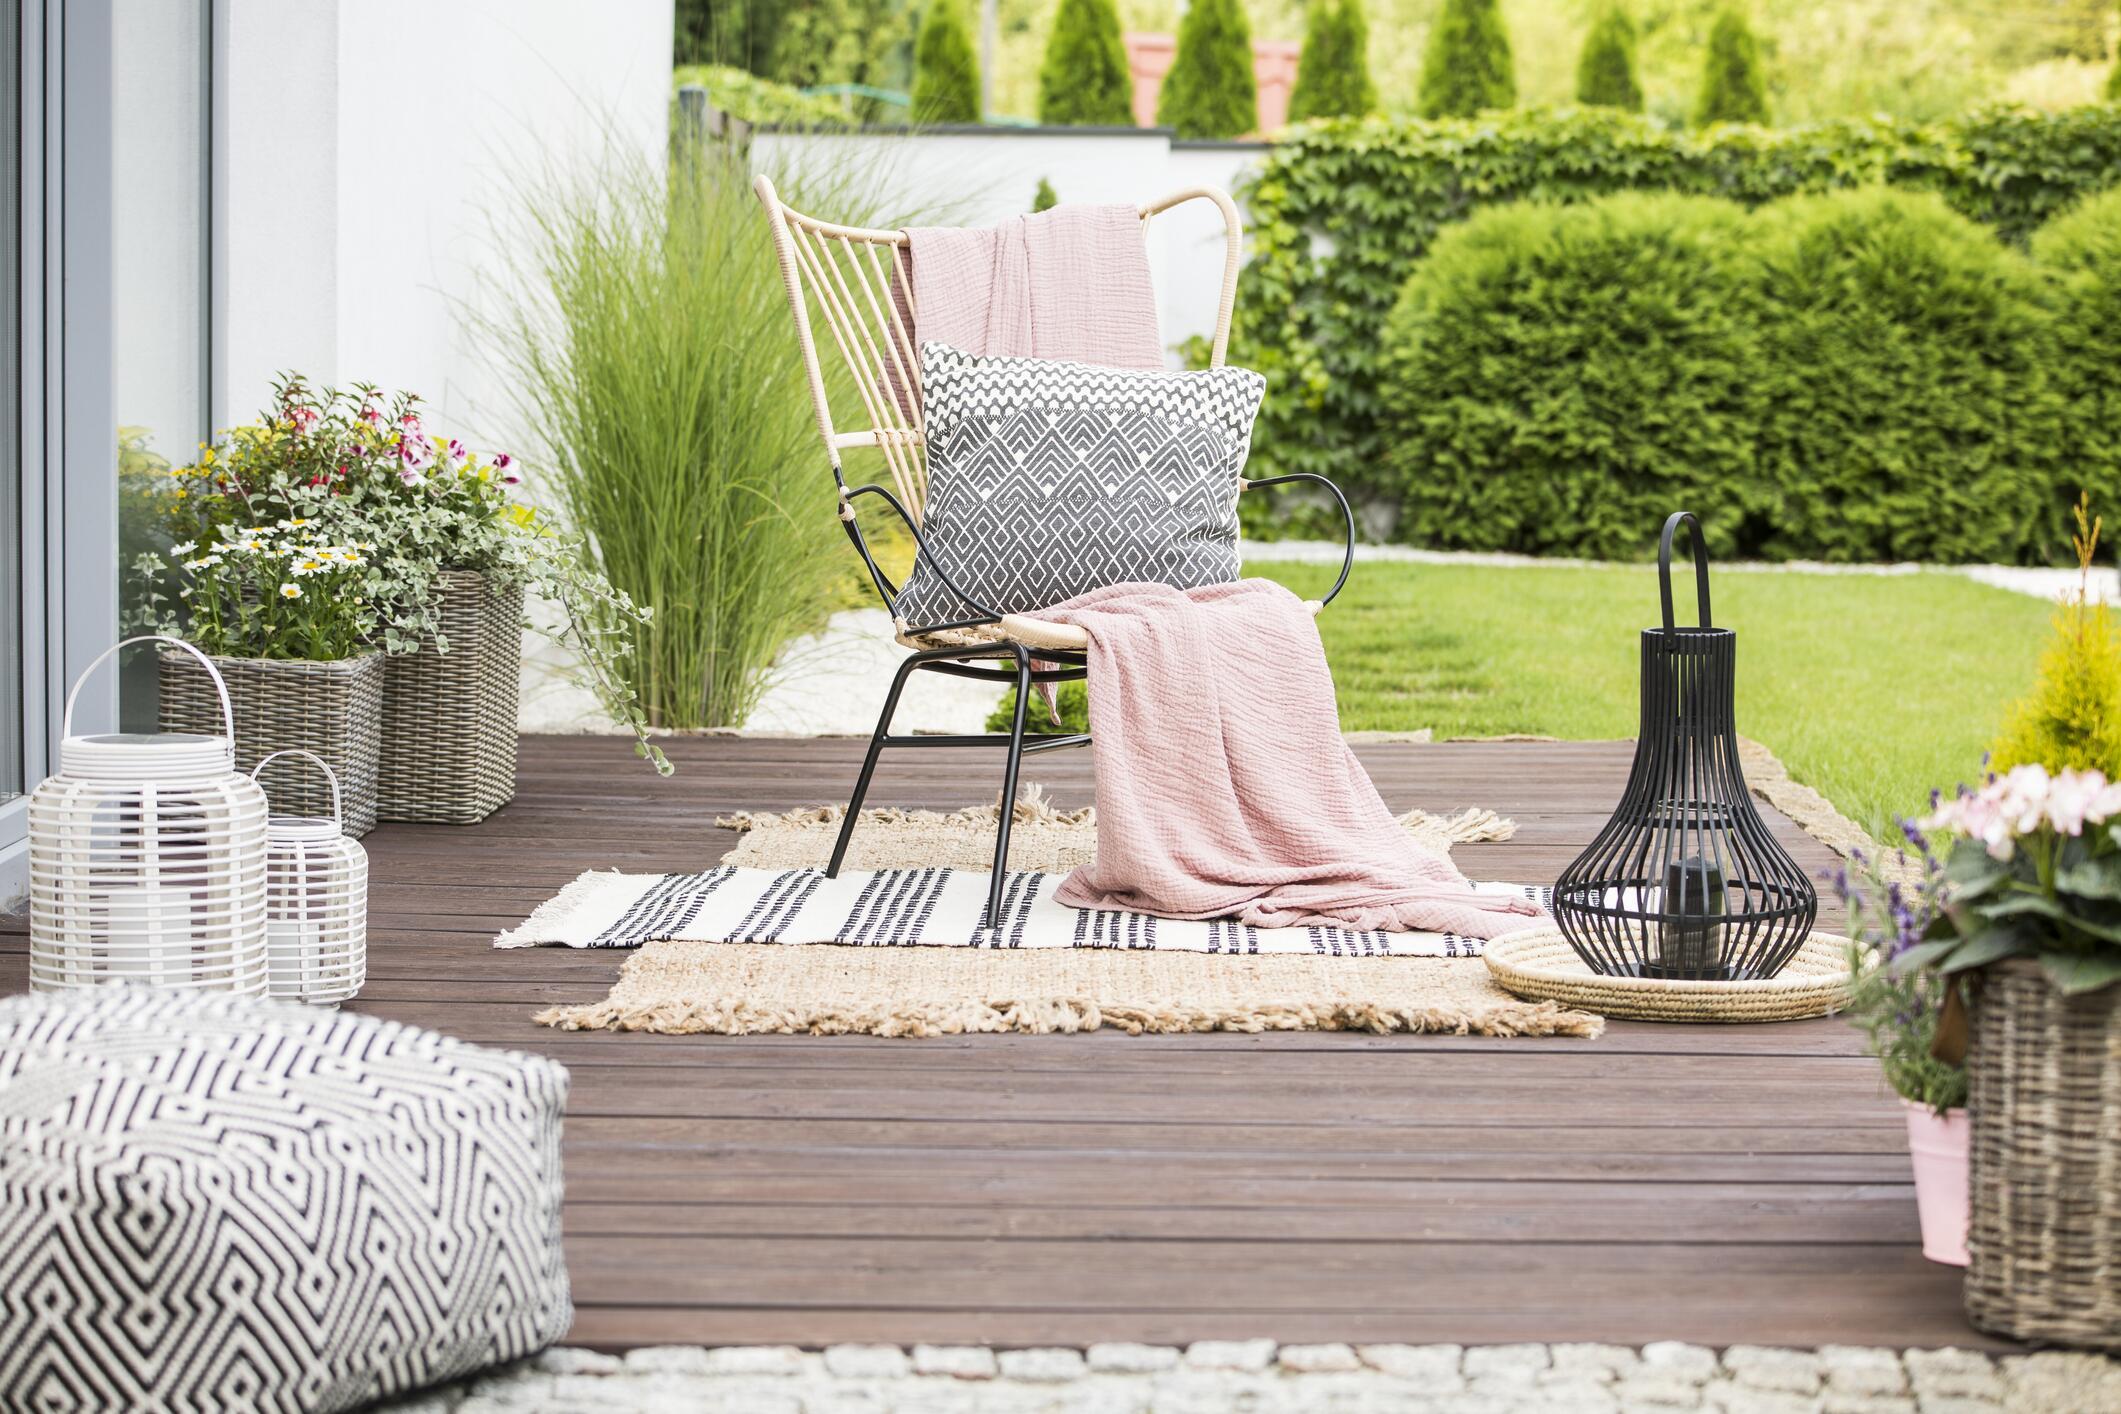 Bild zu Garten, Balkon, Gartenmöbel, Balkonmöbel, Grill, Sommer, Winter, Pflege, Reinigung, fit, sauber